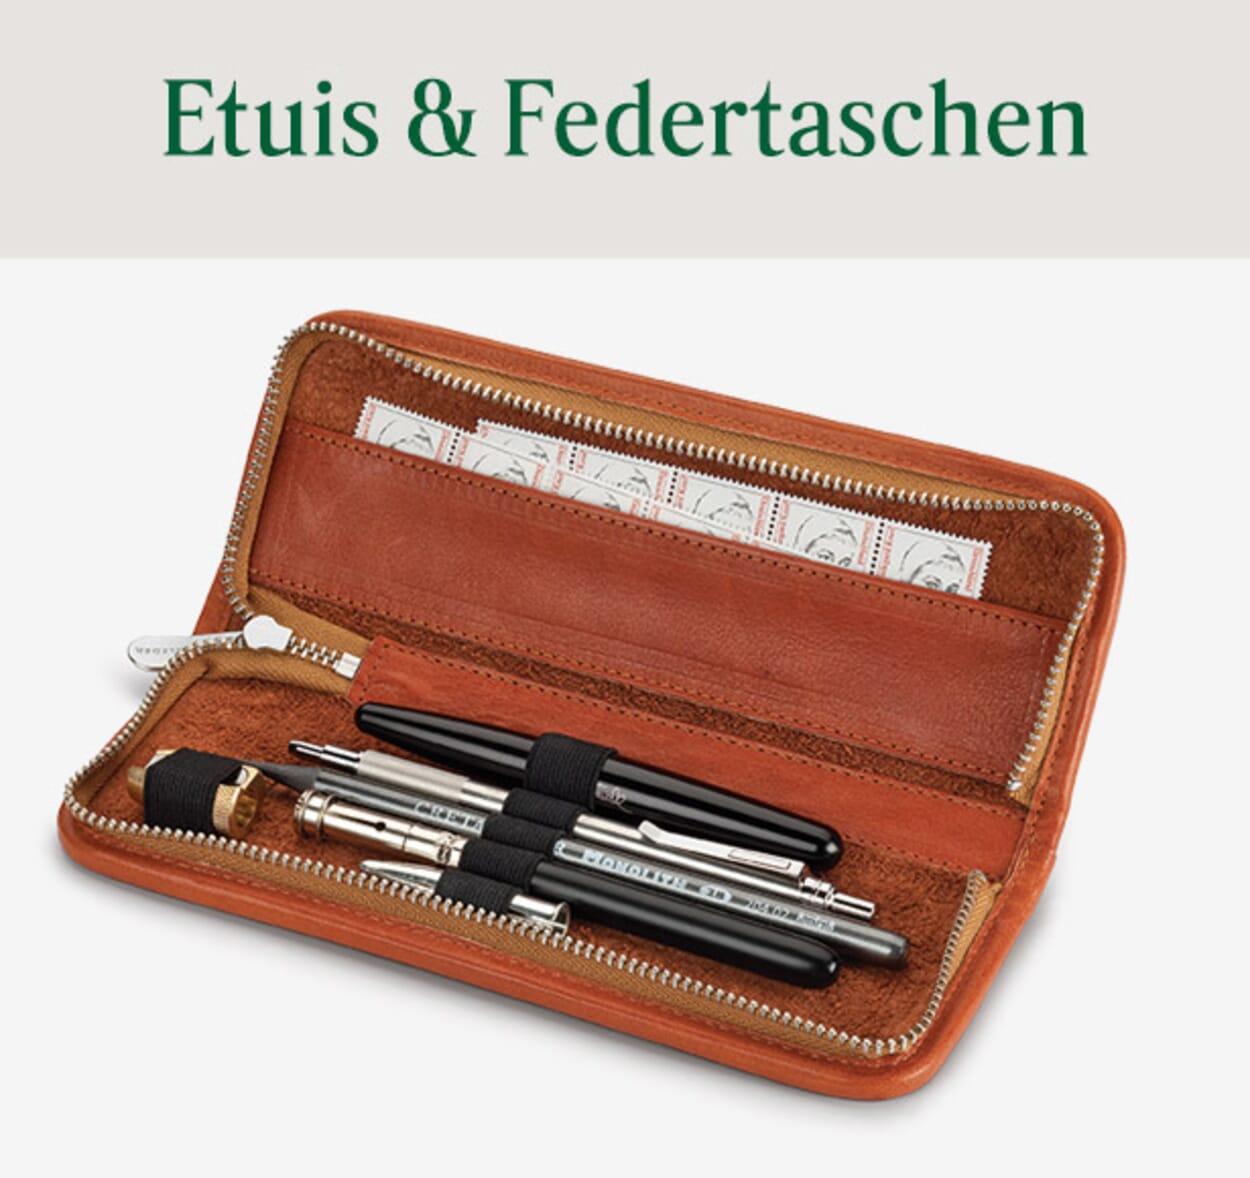 Etuis & Federtaschen